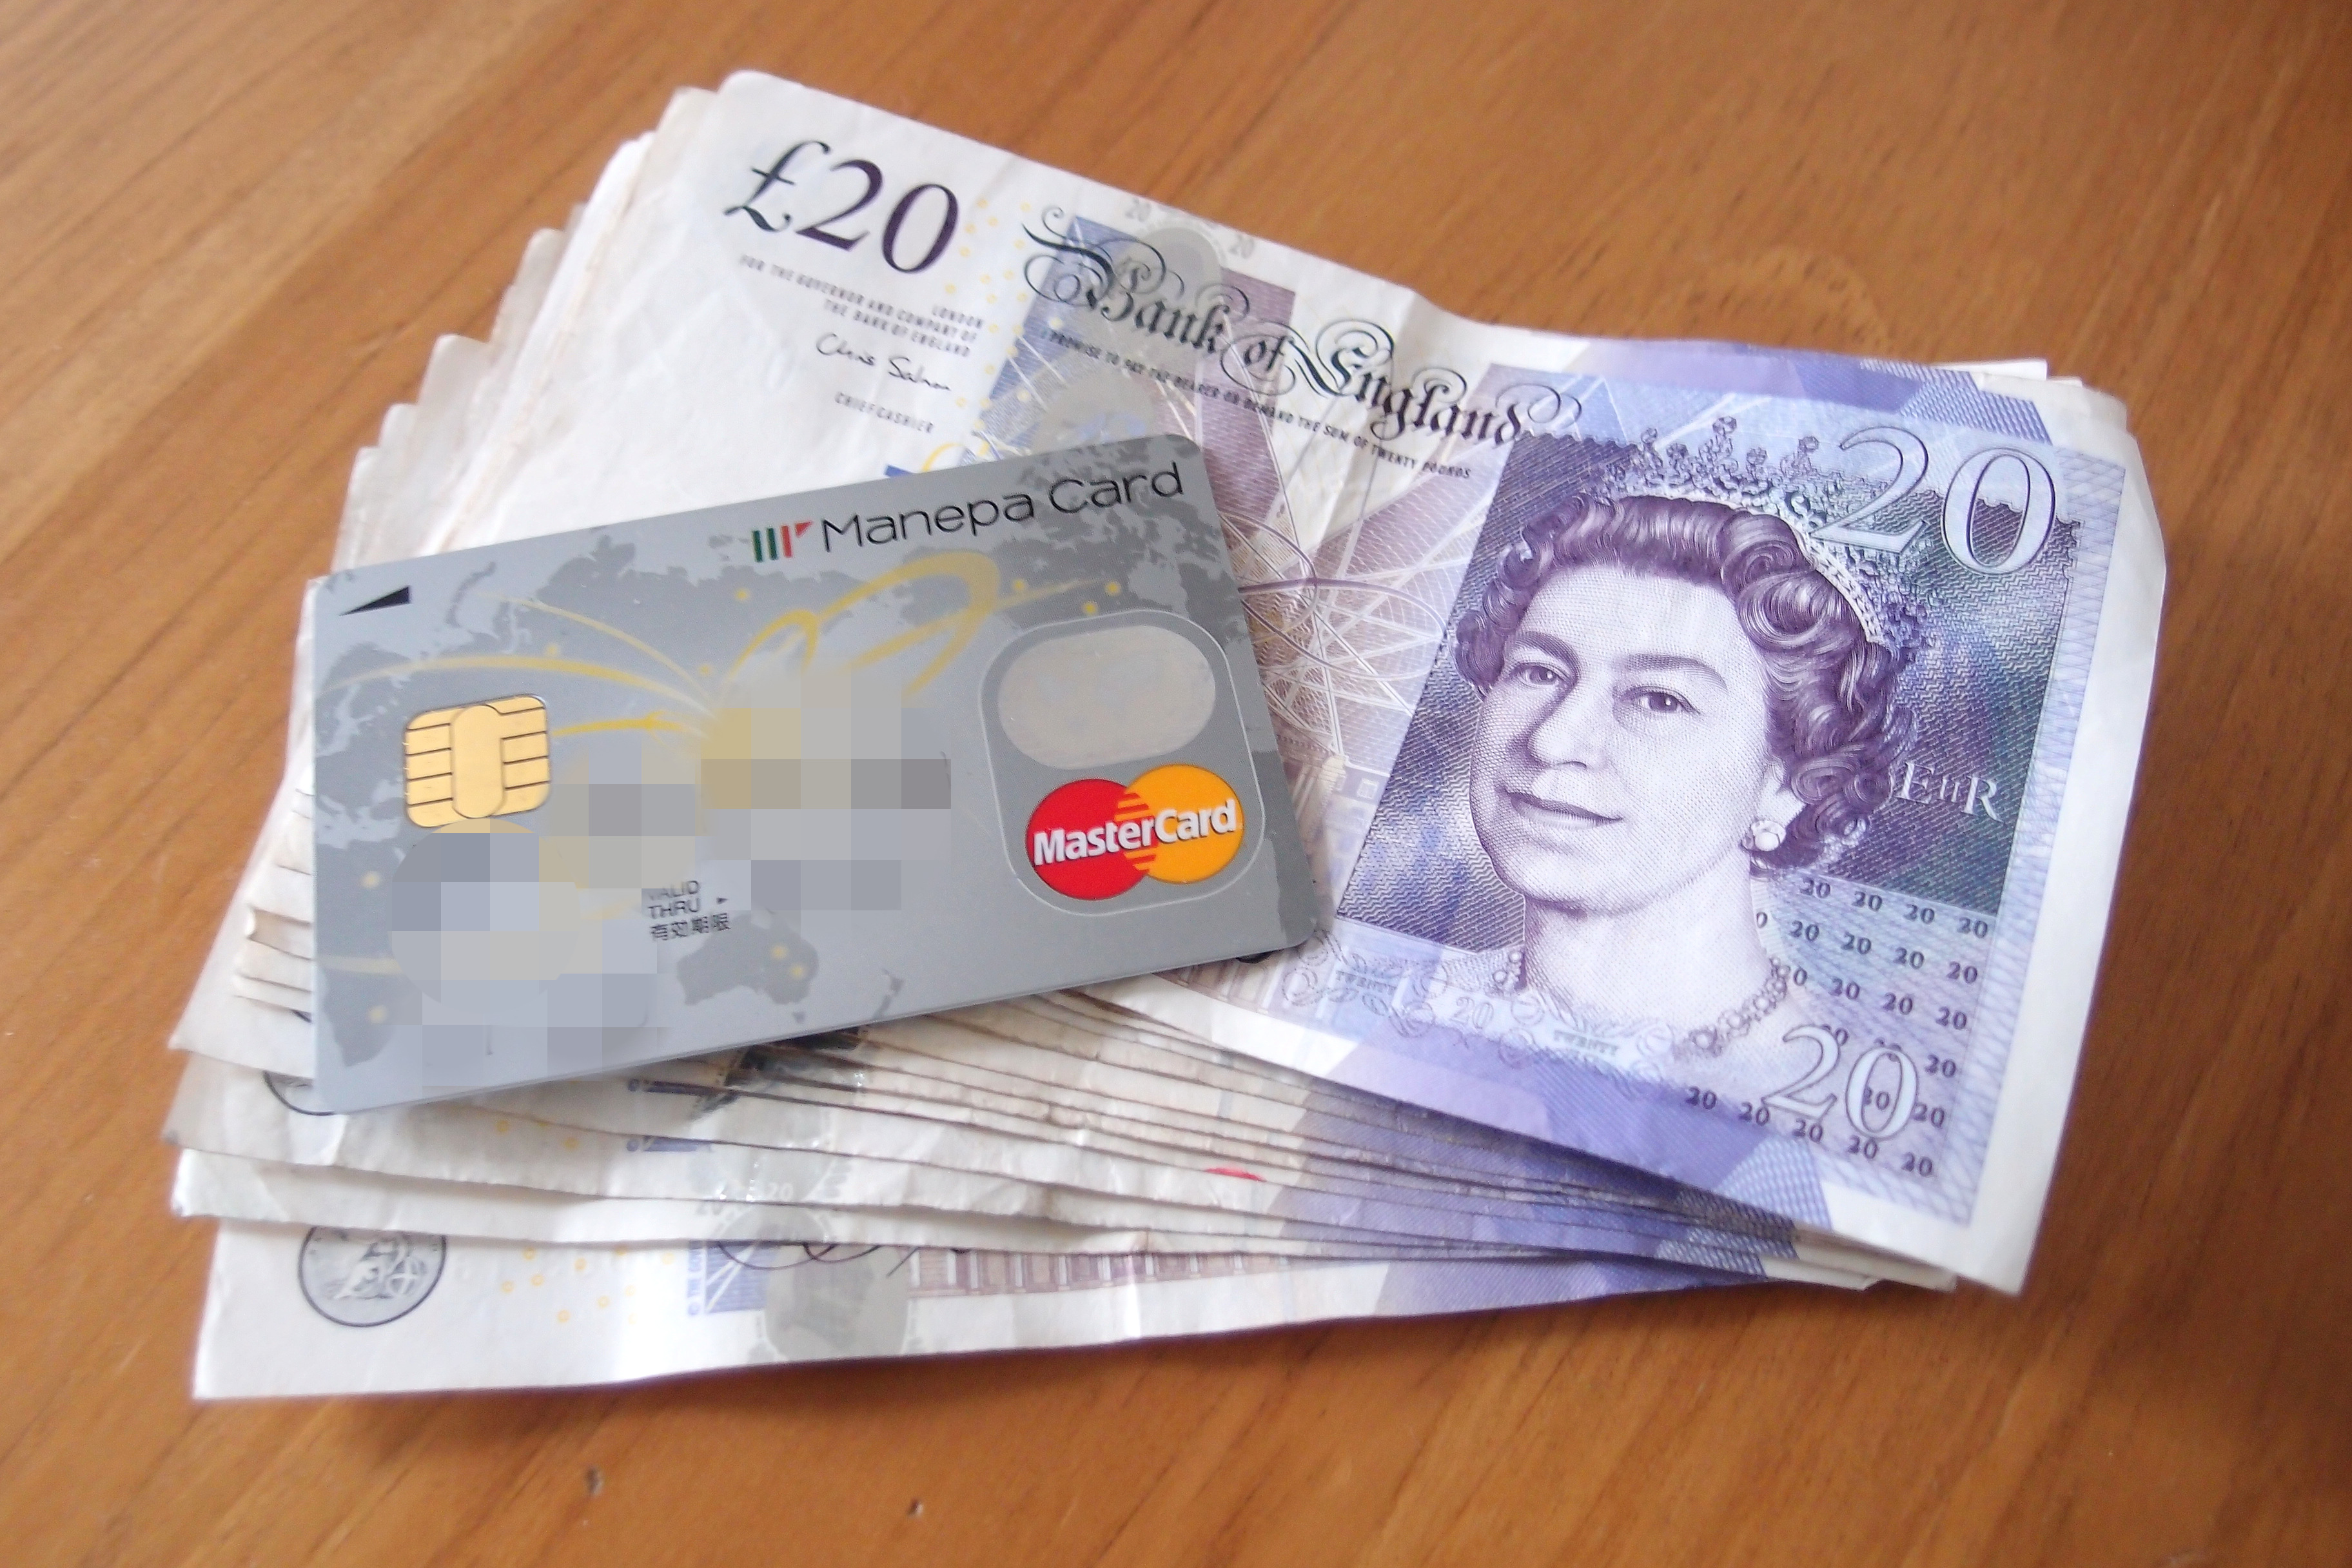 マネパカードを使ってイギリスのATMでポンドを引き出す方法(オンラインでの準備編)